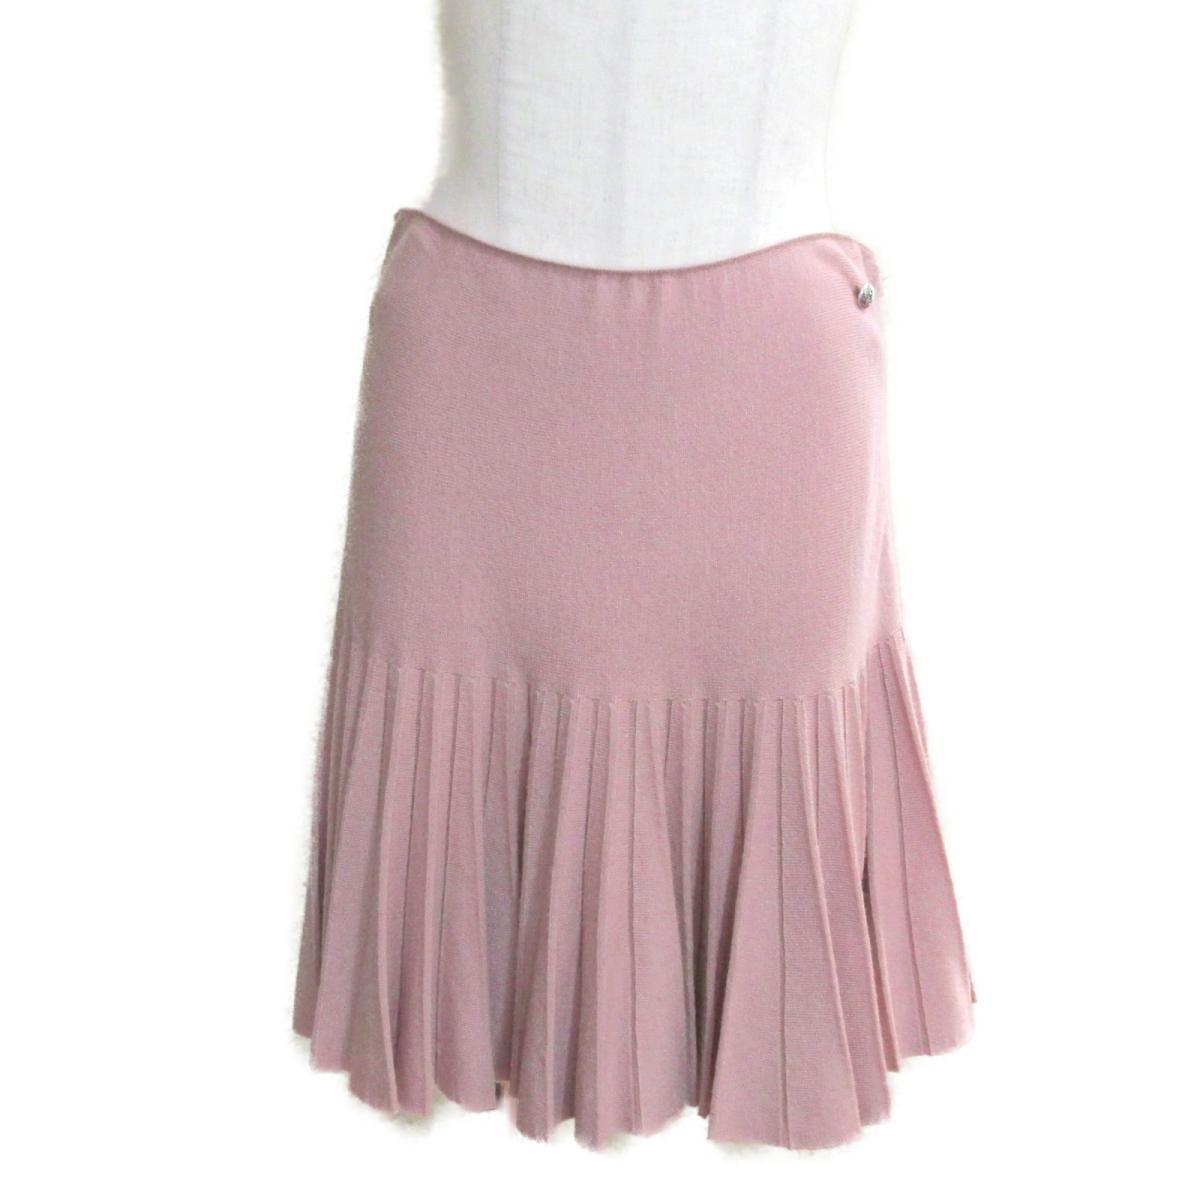 【中古】 シャネル スカート レディース 90%ウール 10%カシミア ピンク (P47177K05960) | CHANEL BRANDOFF ブランドオフ 衣料品 衣類 ブランド ボトムス